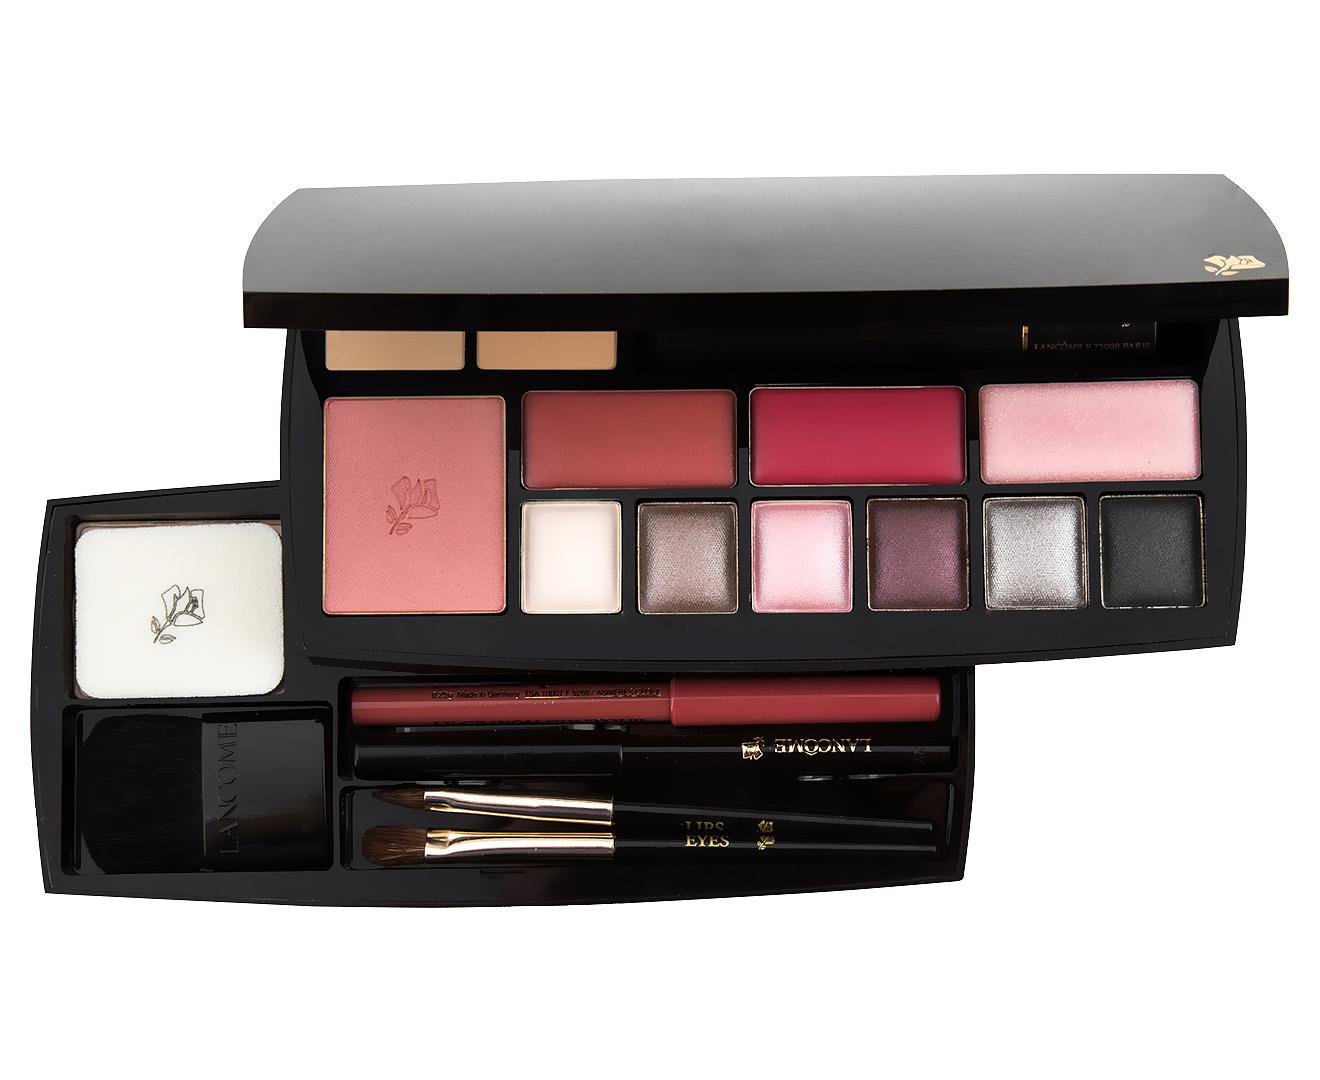 lanc me absolu voyage complete expert makeup palette ebay. Black Bedroom Furniture Sets. Home Design Ideas